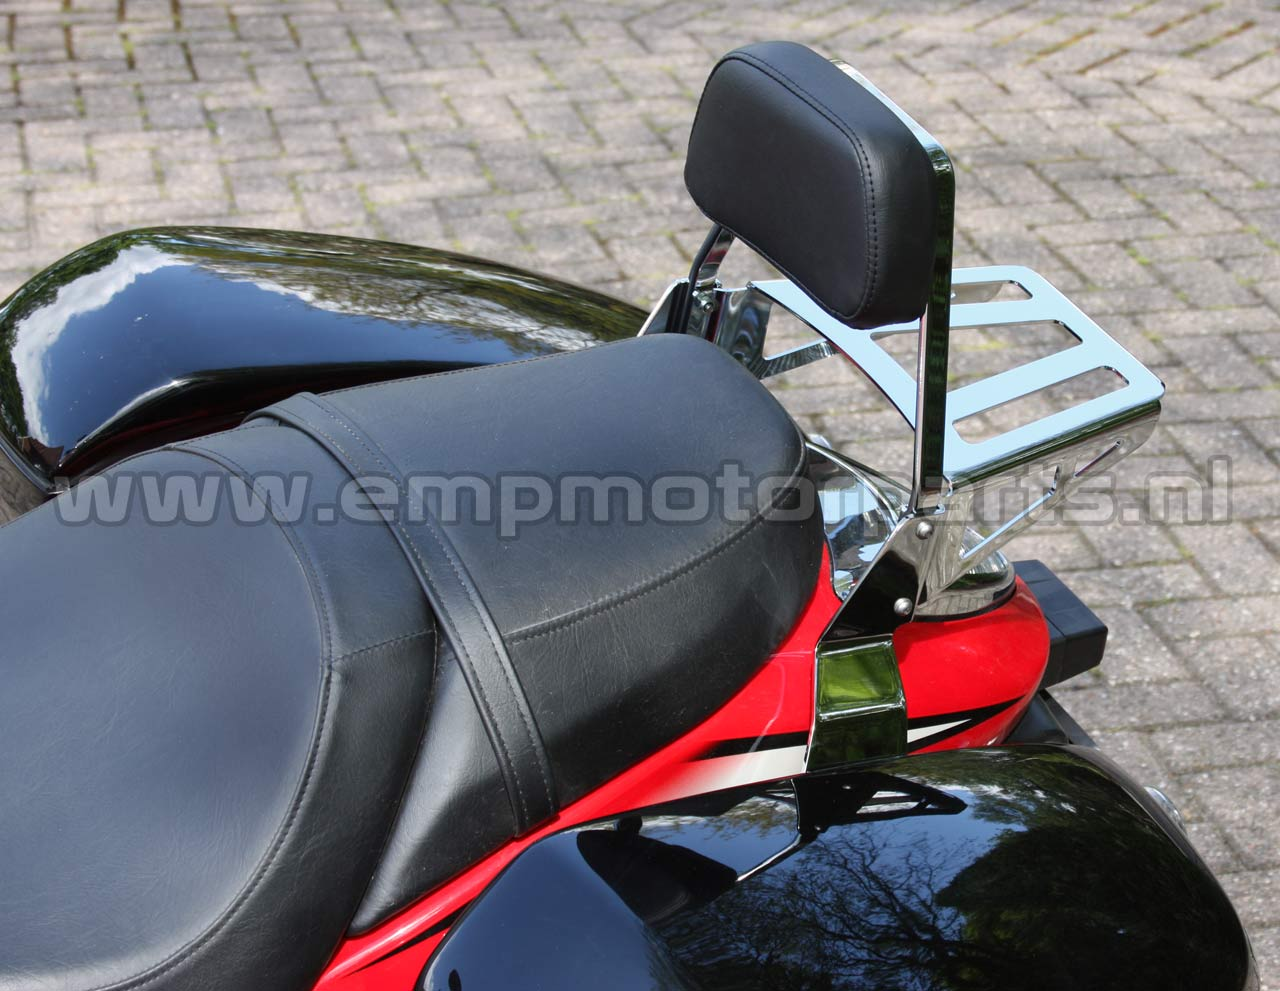 Sissybar de Luxe Low Suzuki (2)